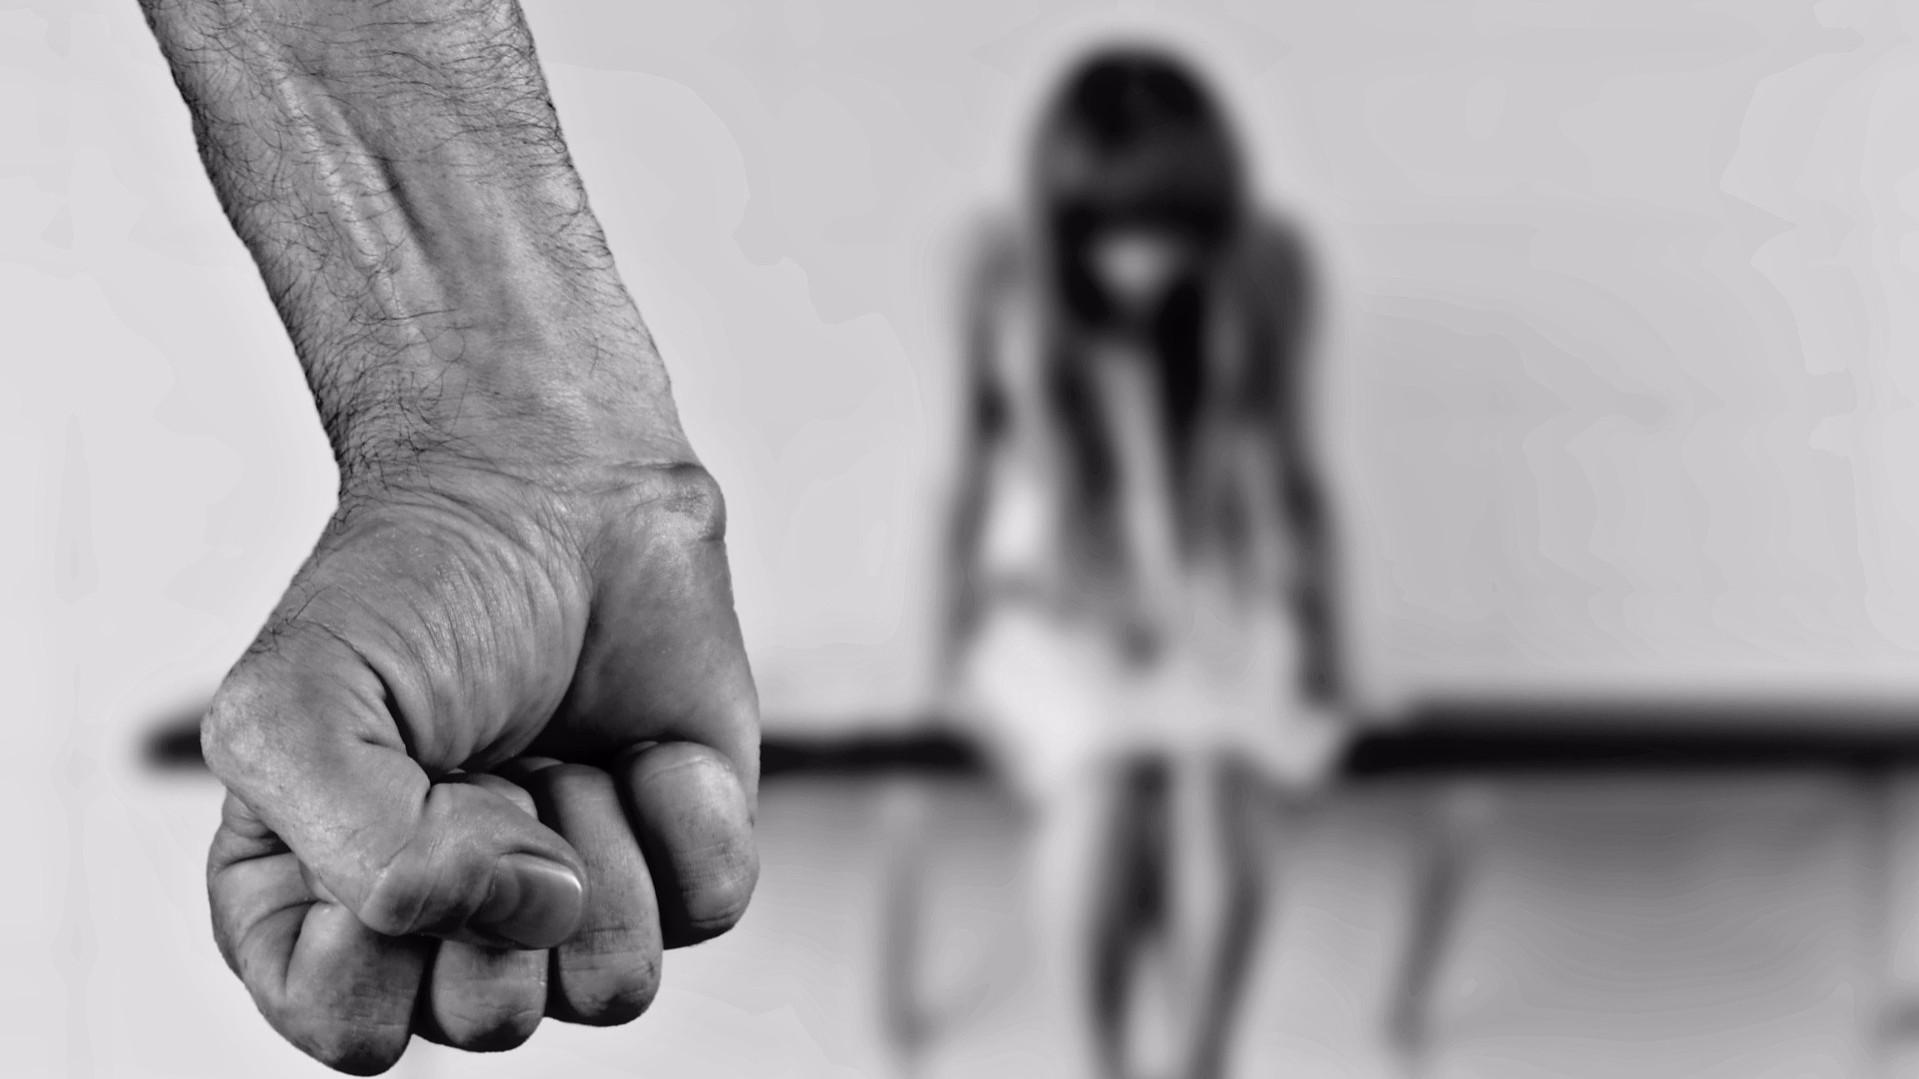 Violenza di Parma: il commerciante ha adescato la vittima su Facebook